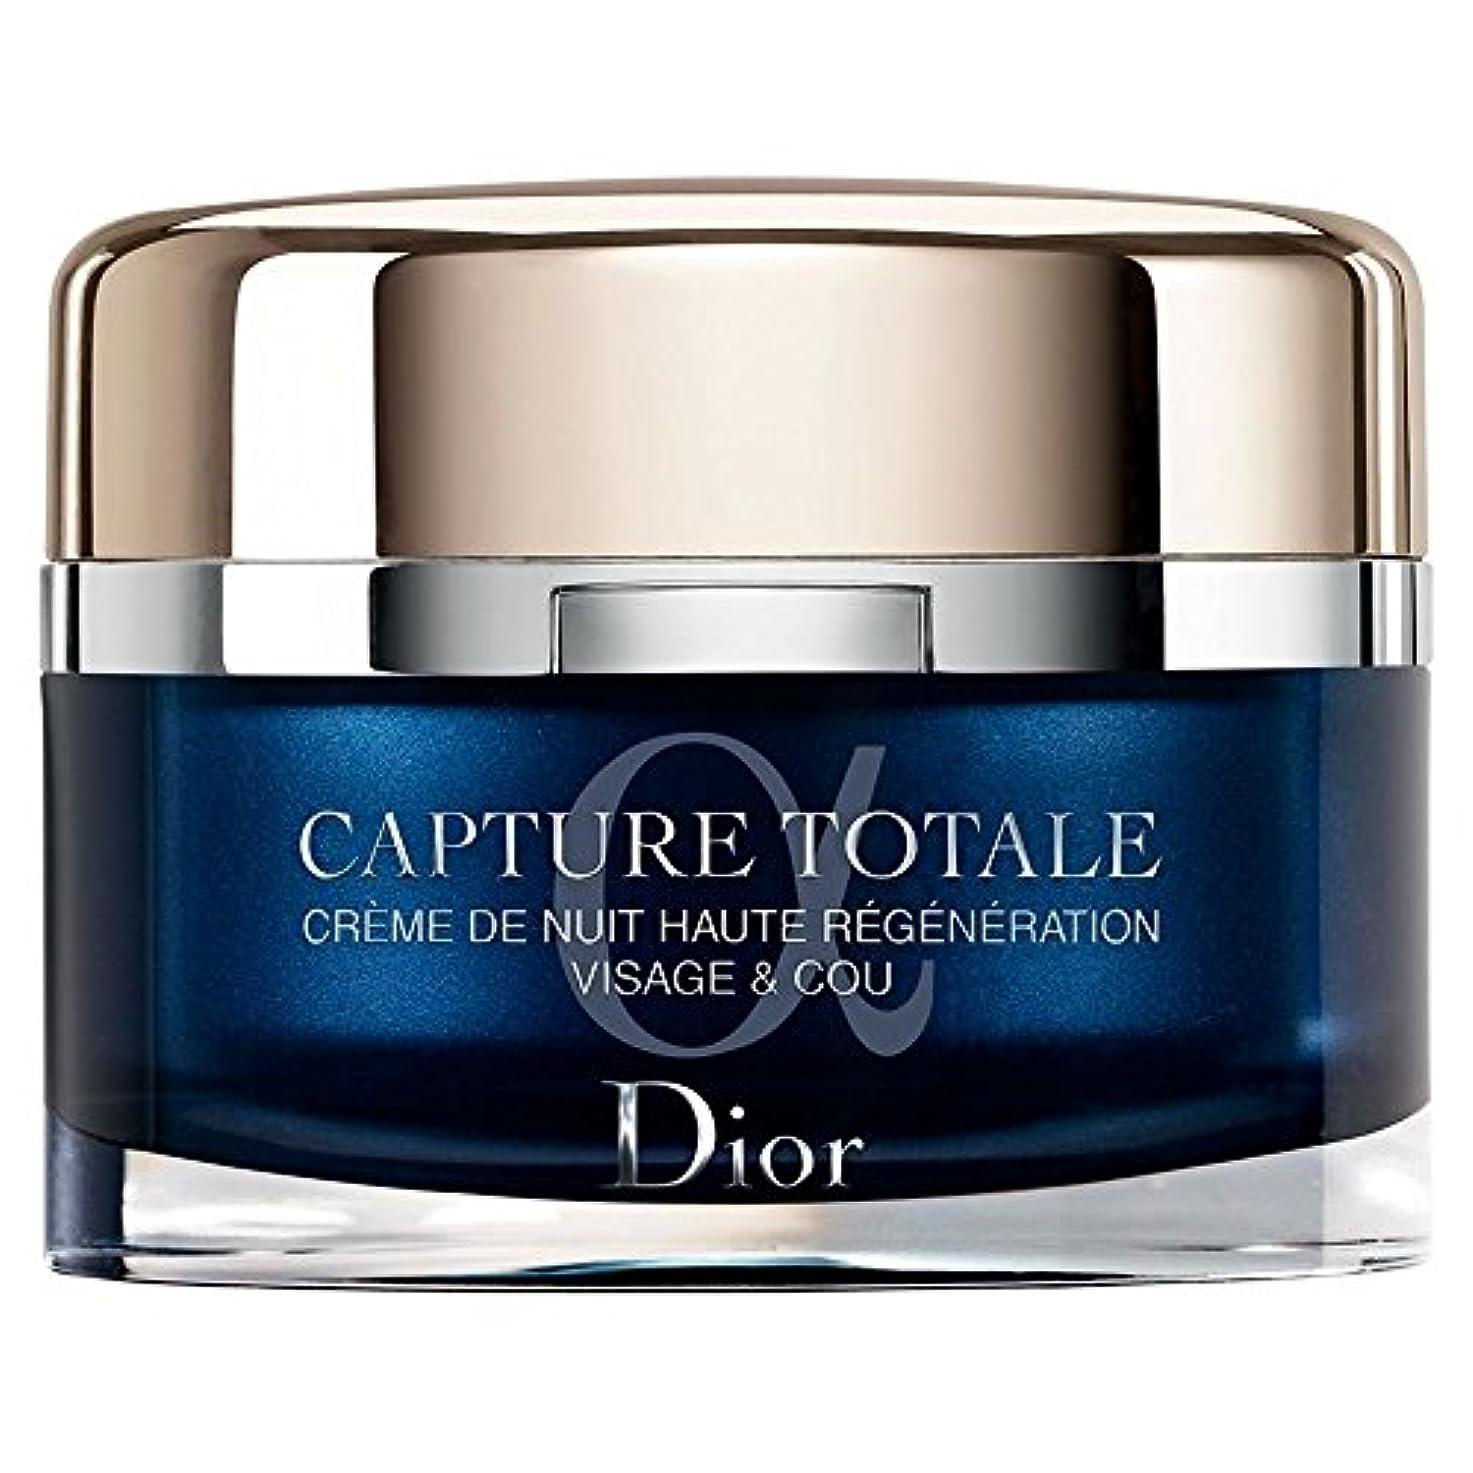 年入場補助金[Dior] ディオールキャプチャカプチュールトータルインテンシブナイト修復クリーム、60ミリリットル - Dior Capture Totale Intensive Night Restorative Cream, 60ml...